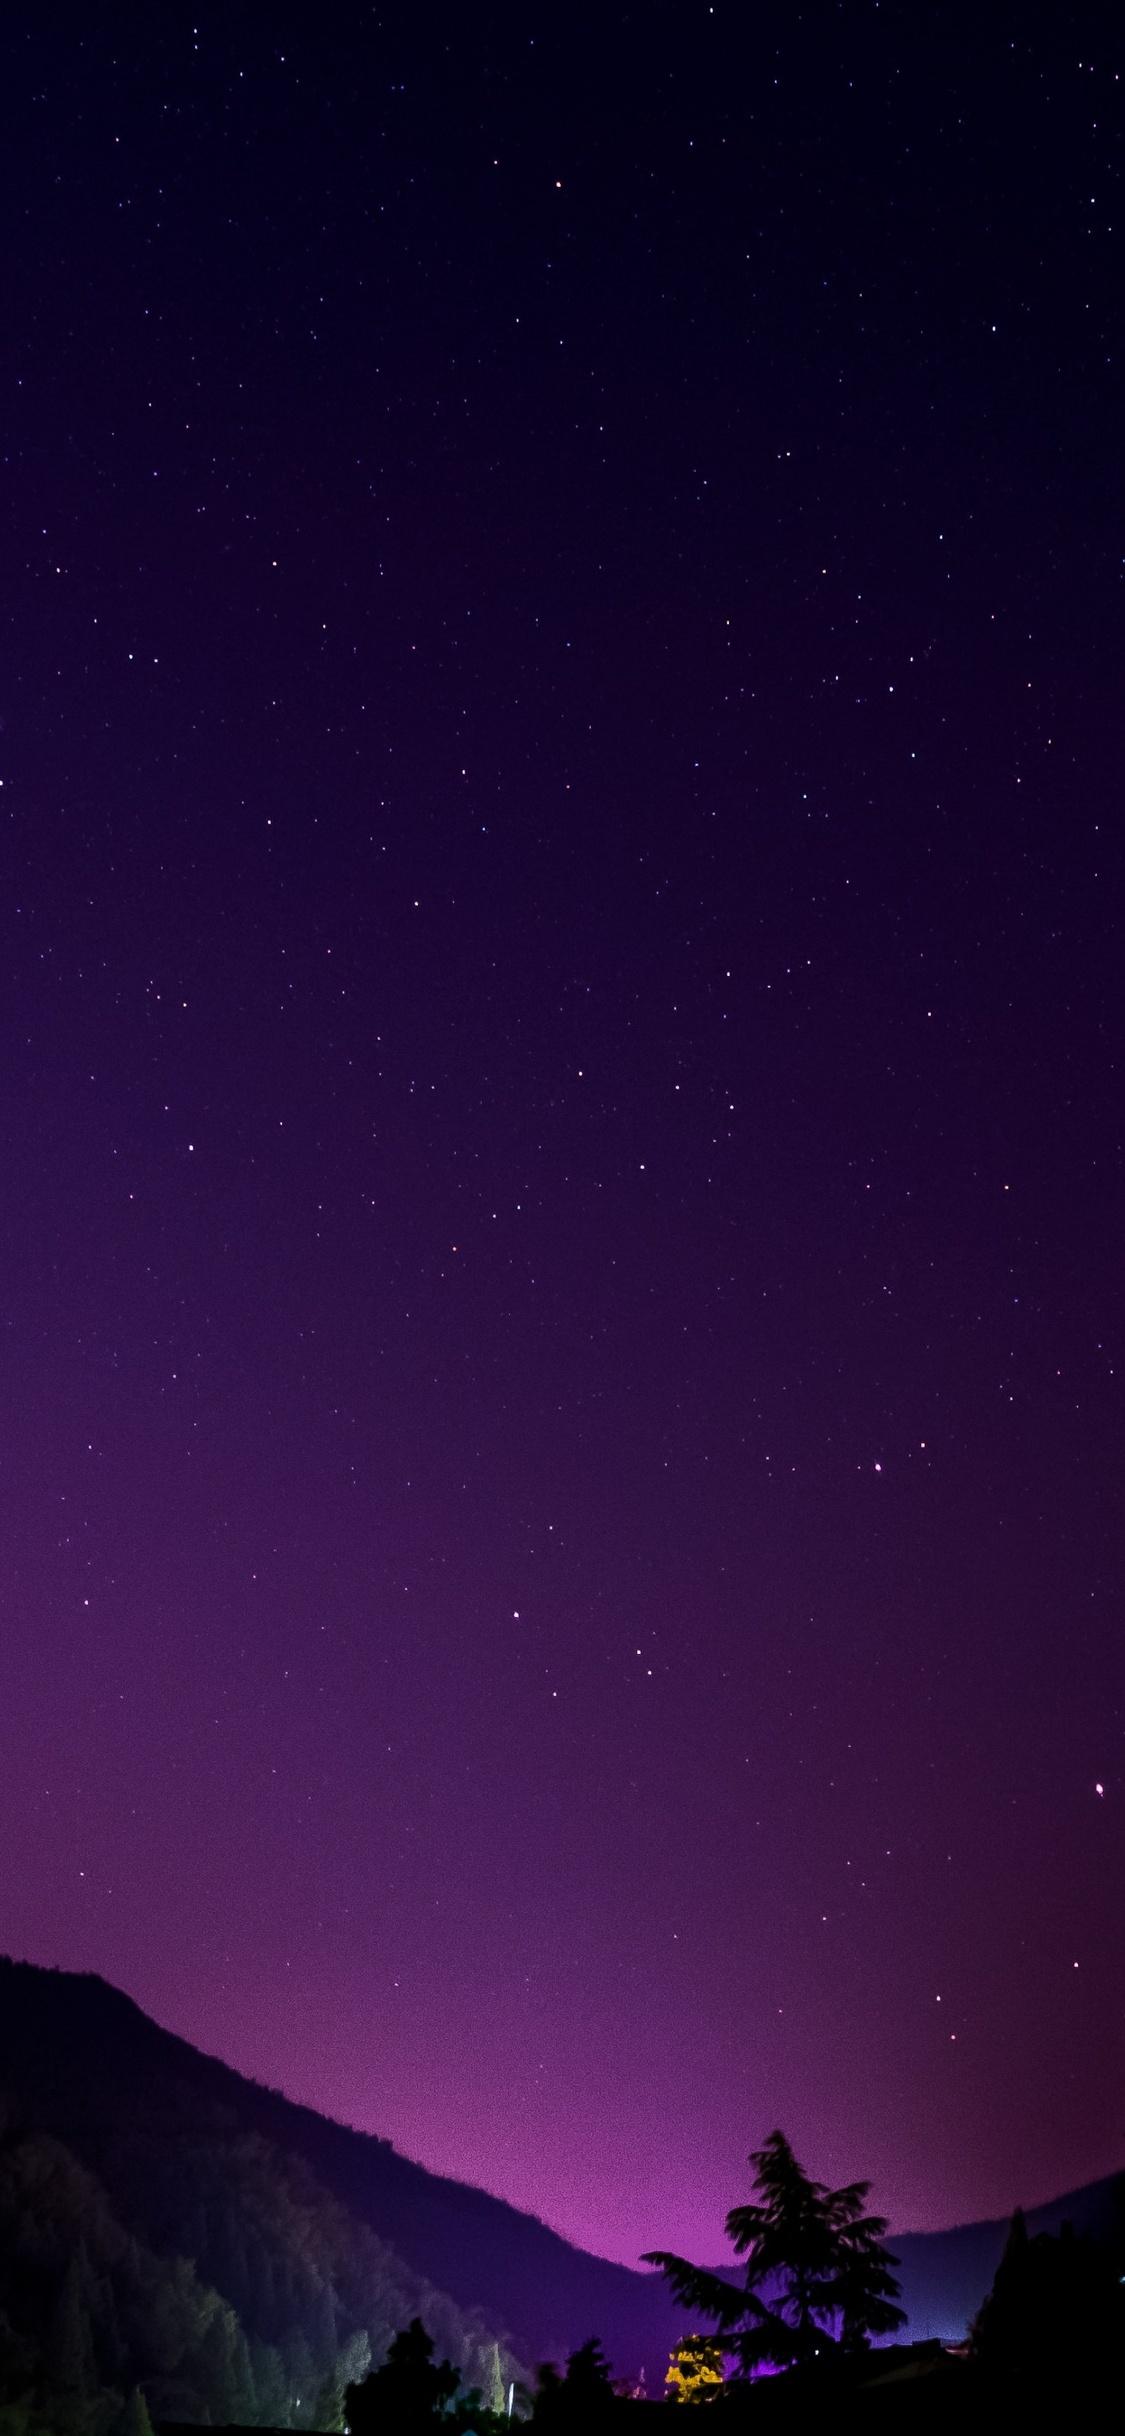 1125x2436 Night Sky Space 4k Iphone Xs Iphone 10 Iphone X Hd 4k